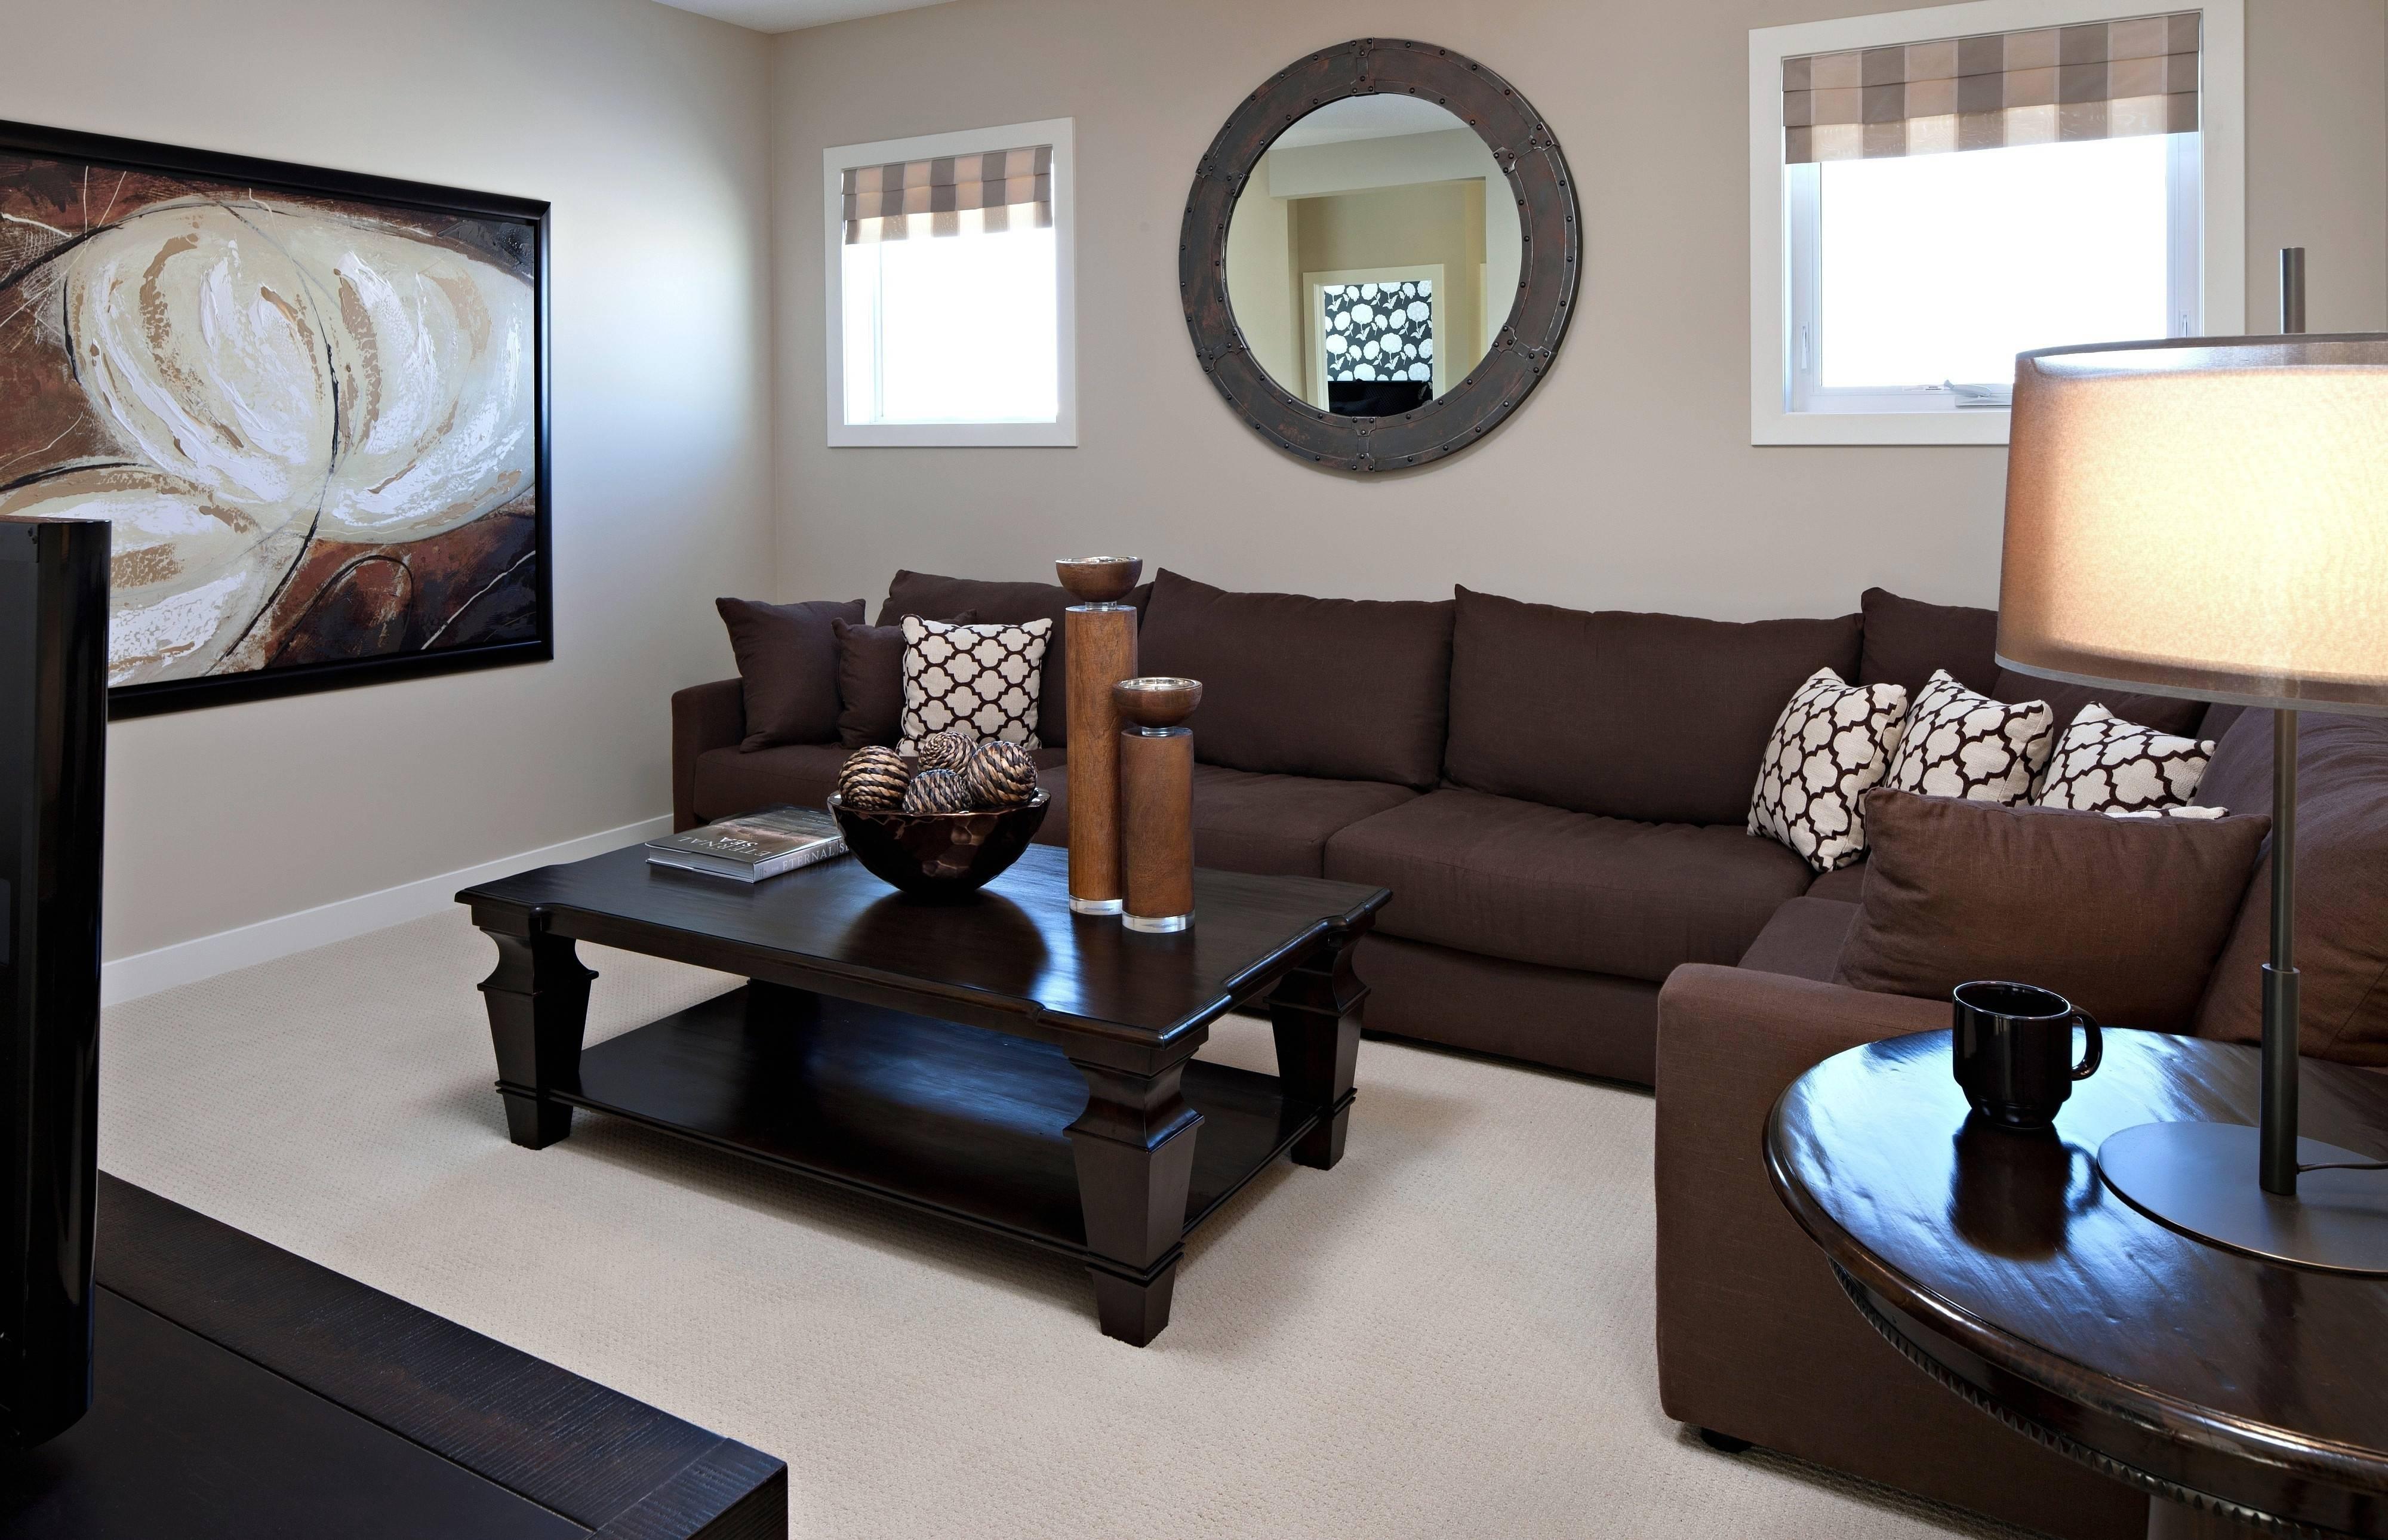 Фен-шуй гостиной: цвет, интерьер и другие аспекты оформления гостиной по фен-шуй - всё по фен-шуй